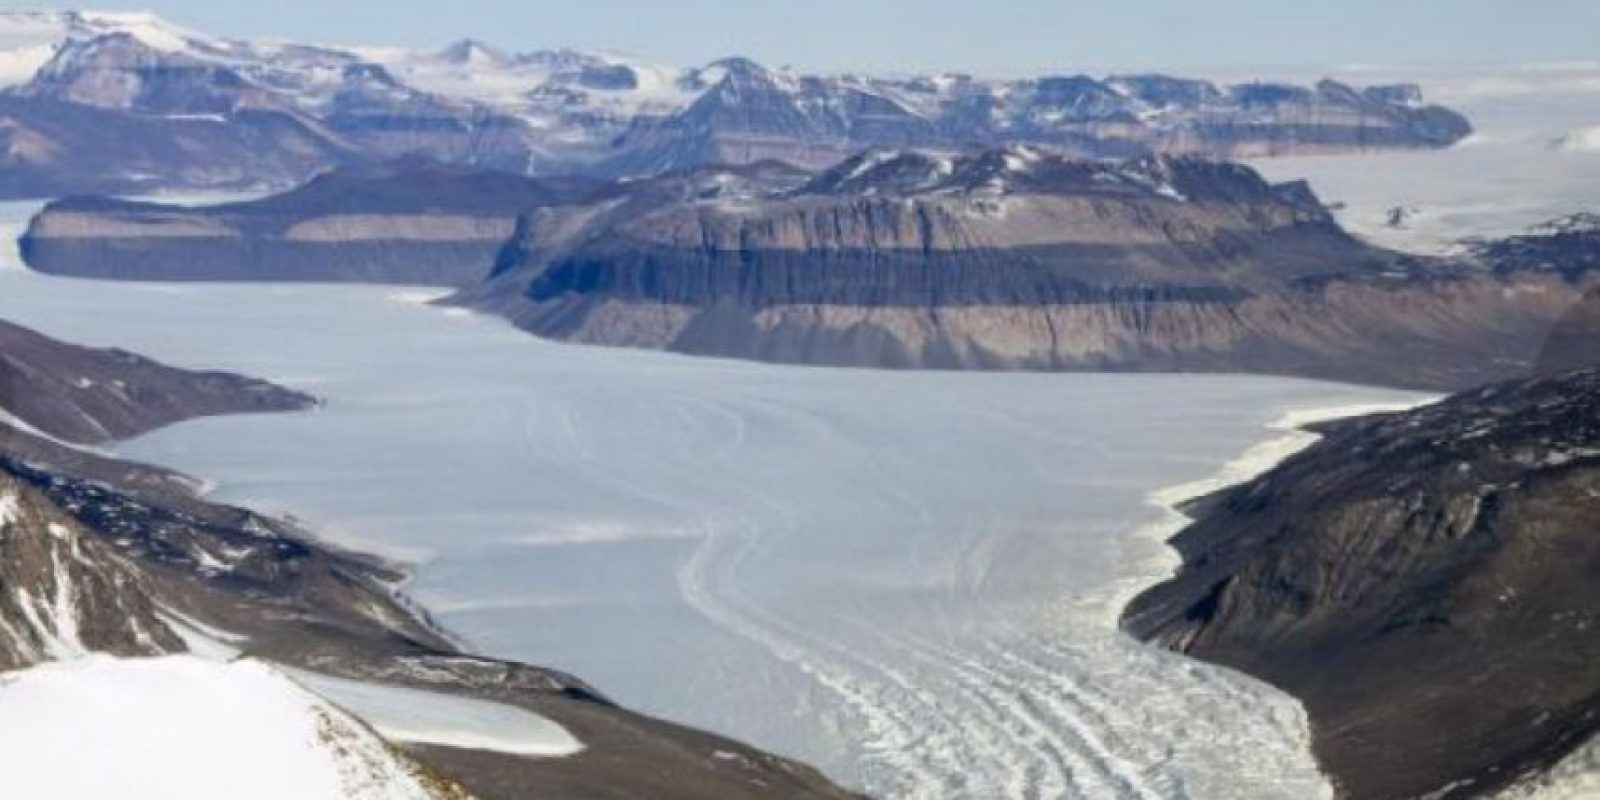 Así lucen los congelados paisajes del glaciar Taylor, al oeste del Valle McMurdo, desde el Landsat 8. Foto:Vía nasa.gov